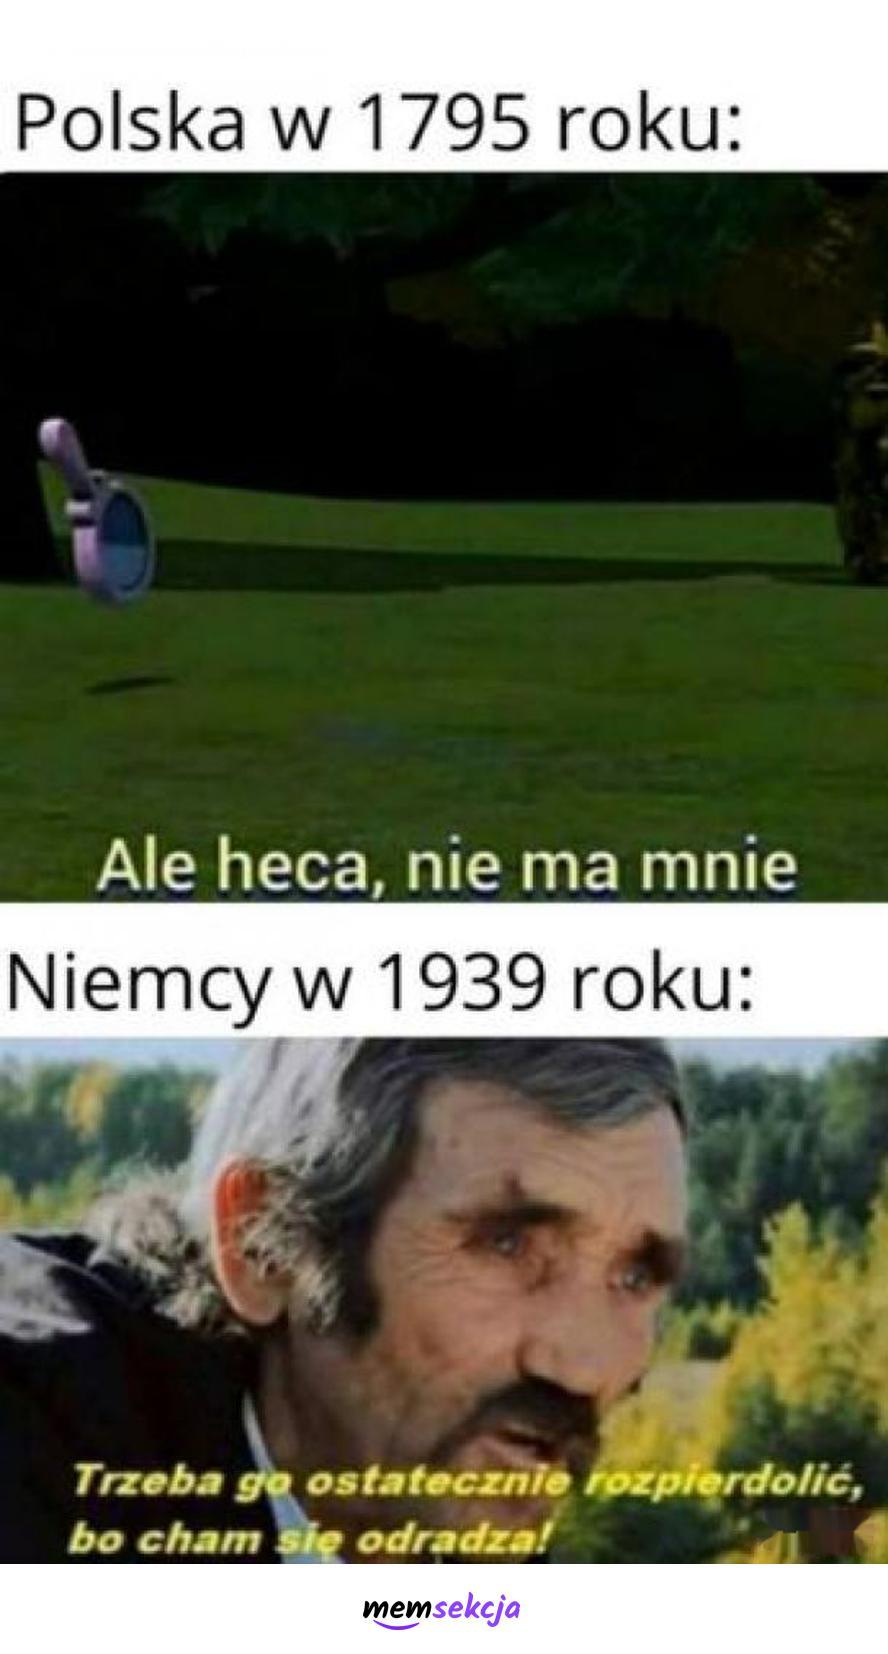 Polska w 1795 roku i Niemcy w 1939 roku. Historyczne. Ale  Heca  Nie  Ma  Mnie. Polska. Niemcy